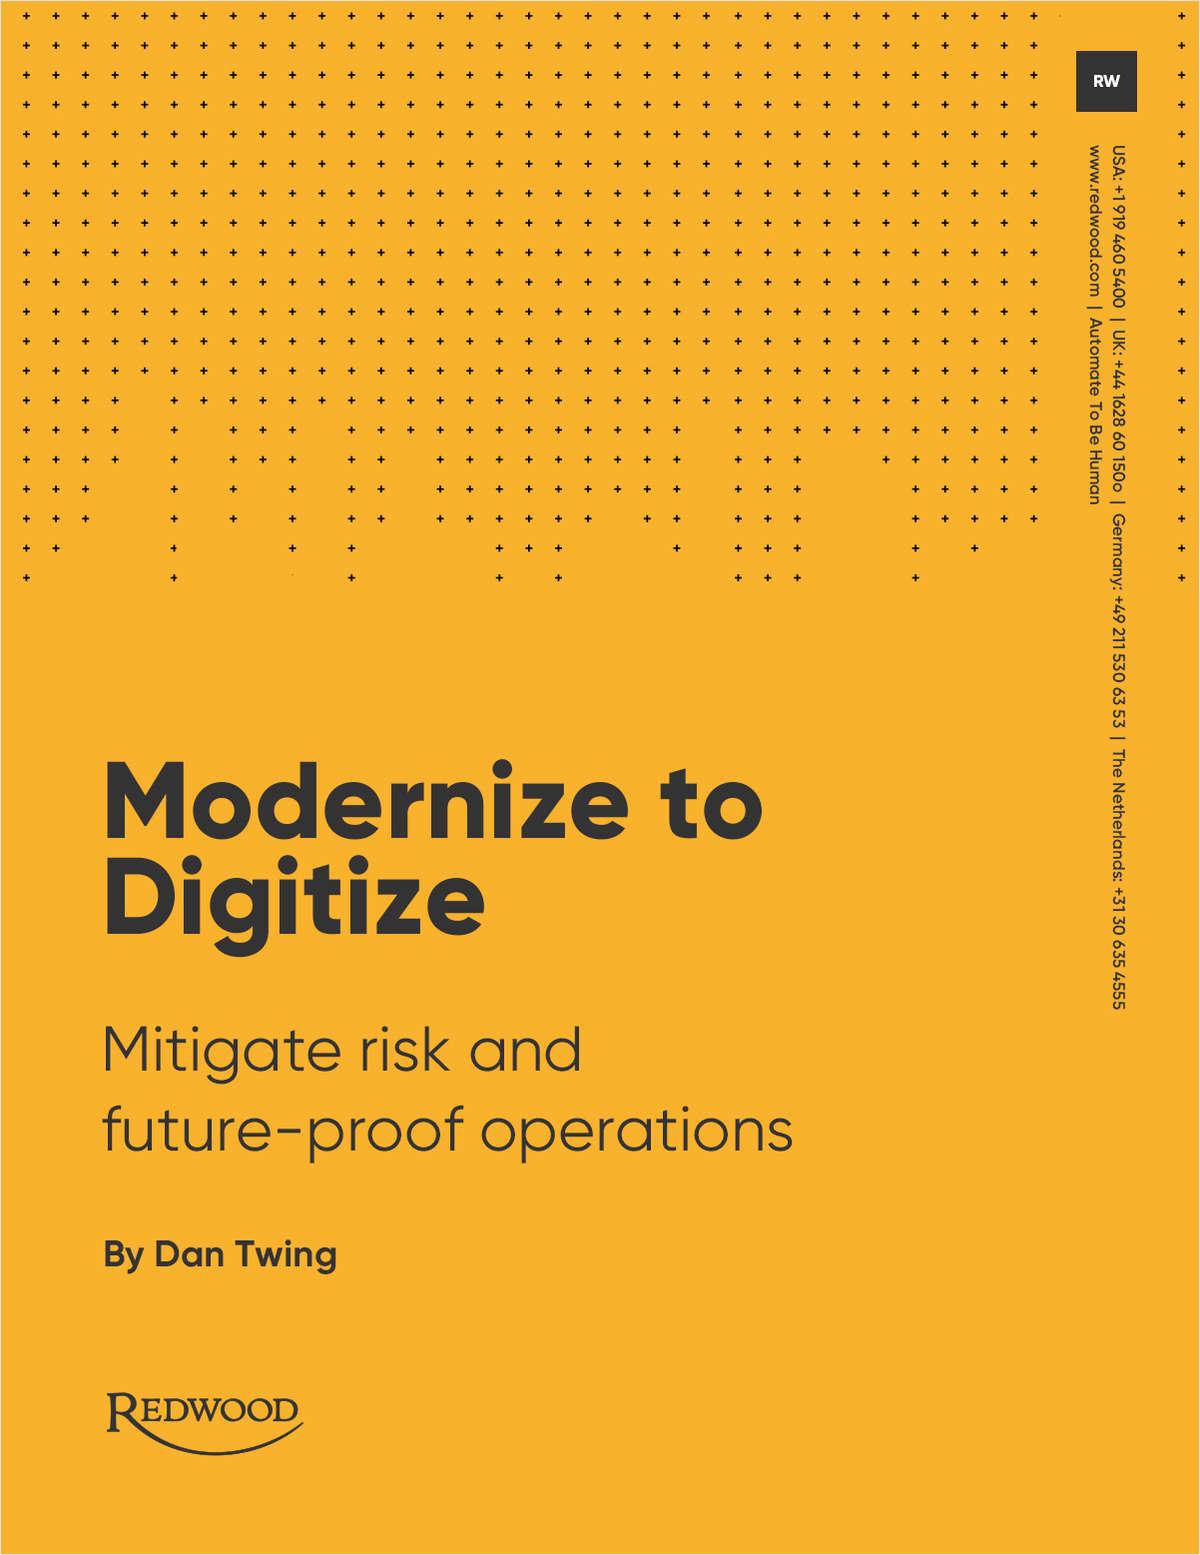 Modernize to Digitize